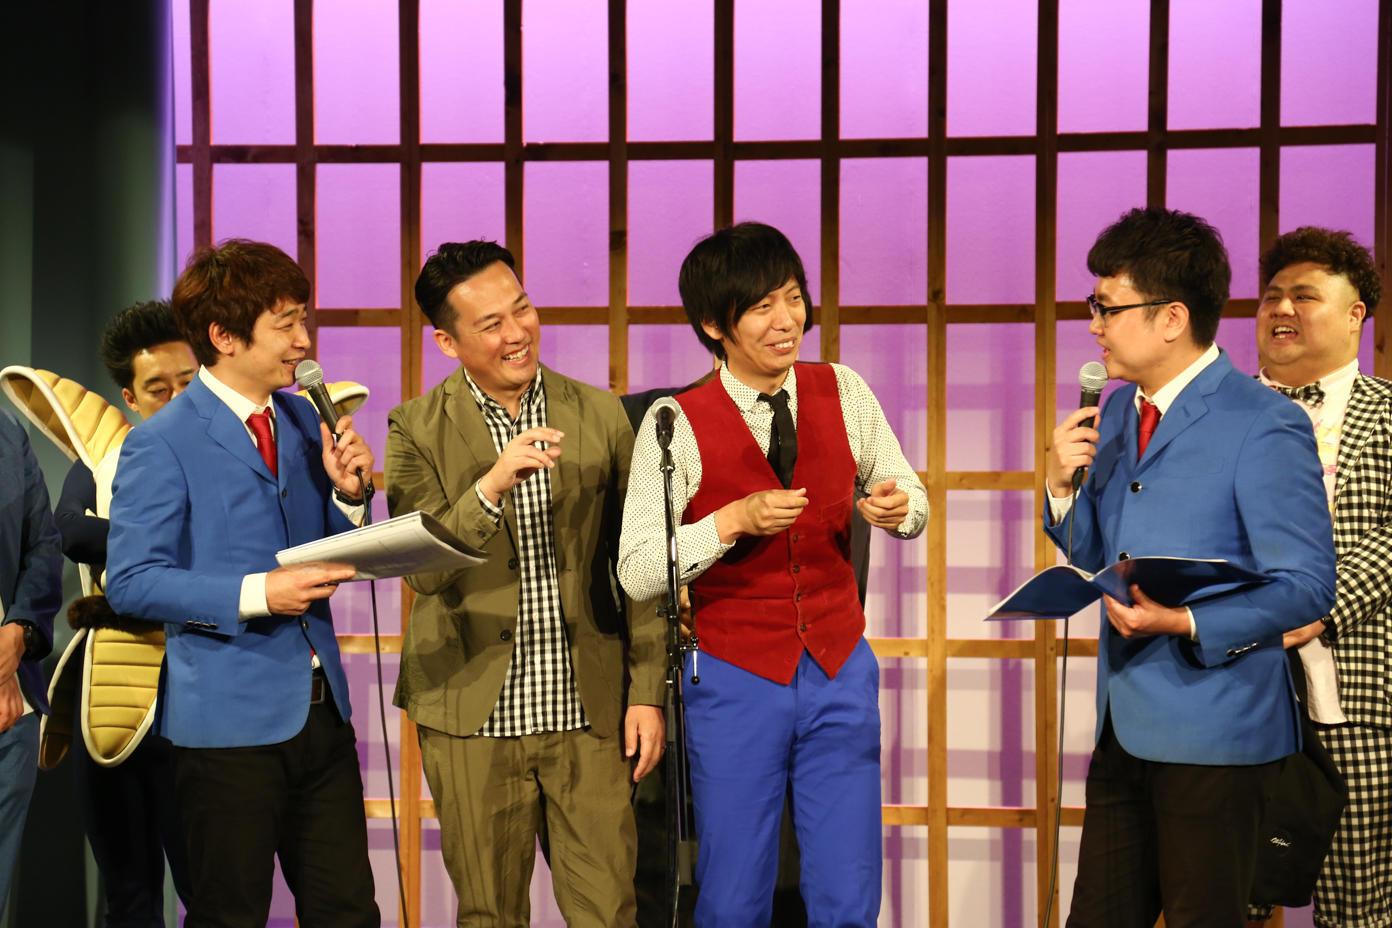 http://news.yoshimoto.co.jp/20180329151150-73faeb0f7d971ca8106e9adb59a4d38bf1a5758c.jpg